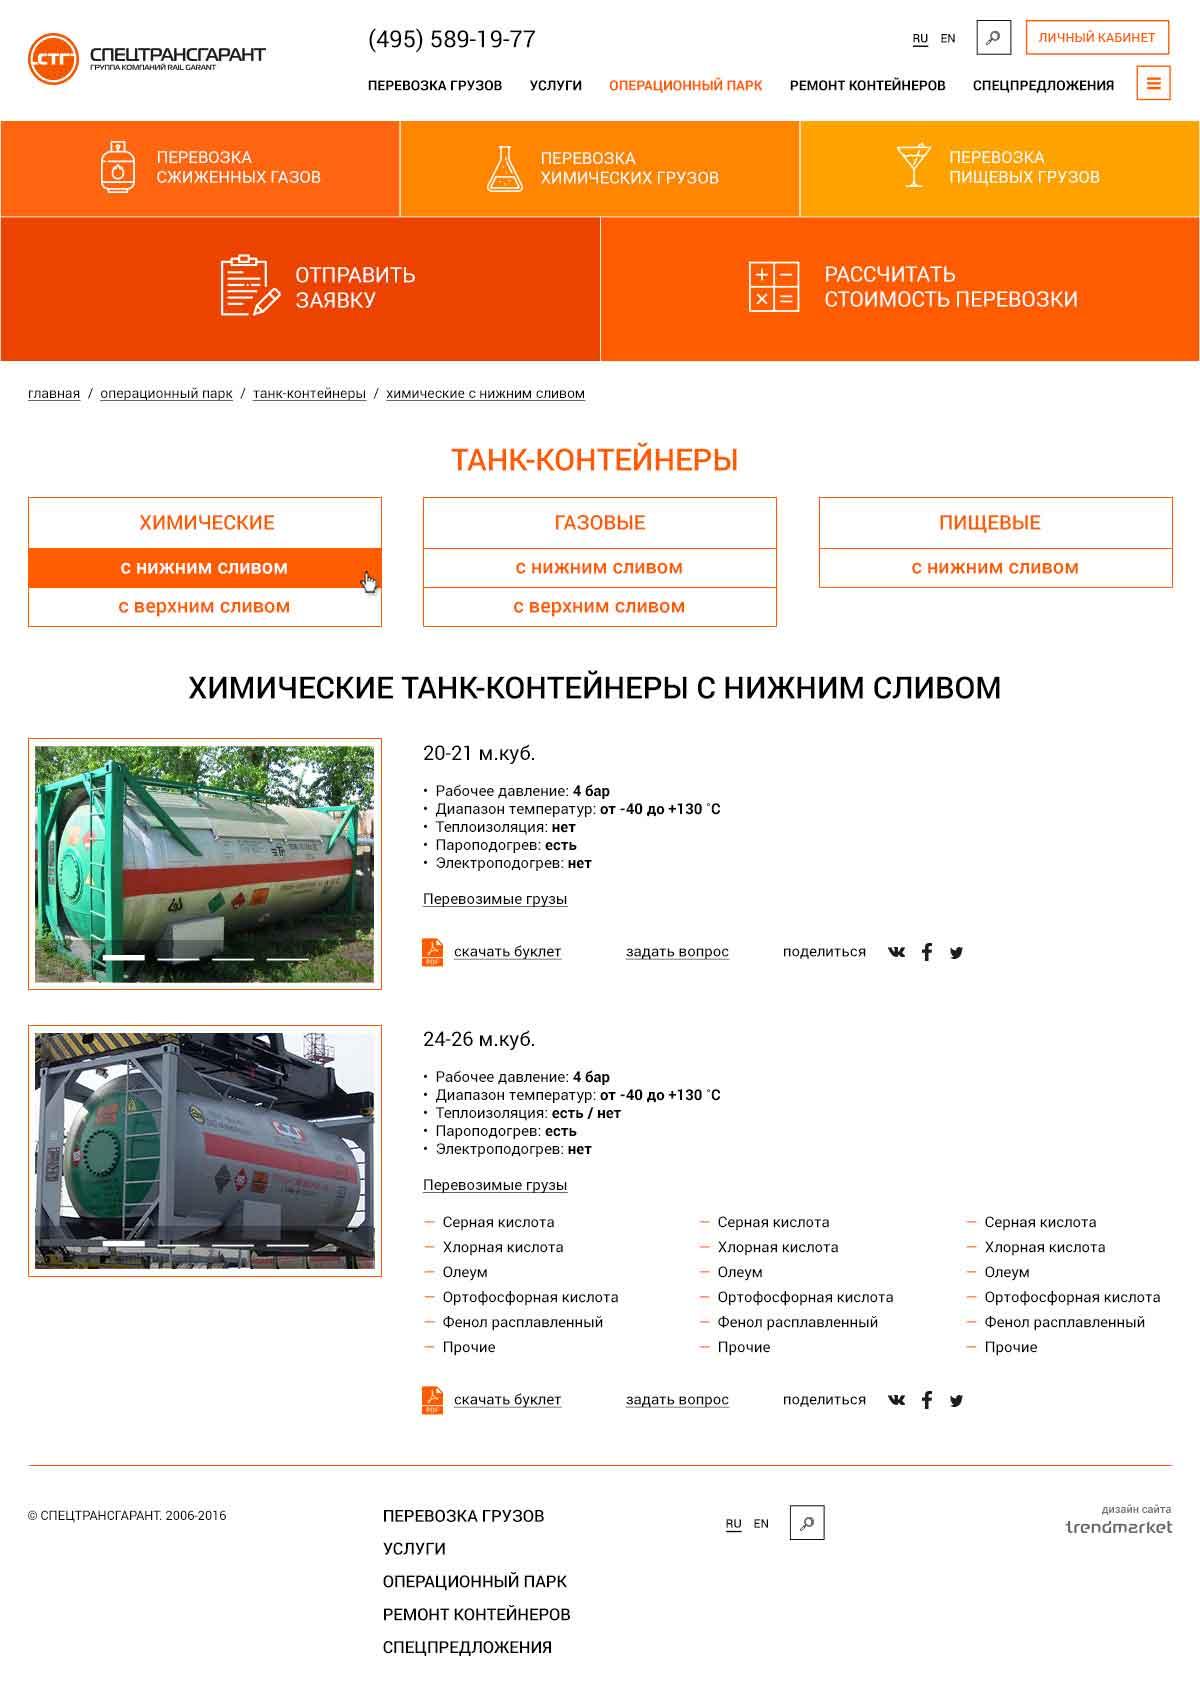 Дизайн сайта парк танк контейнеров